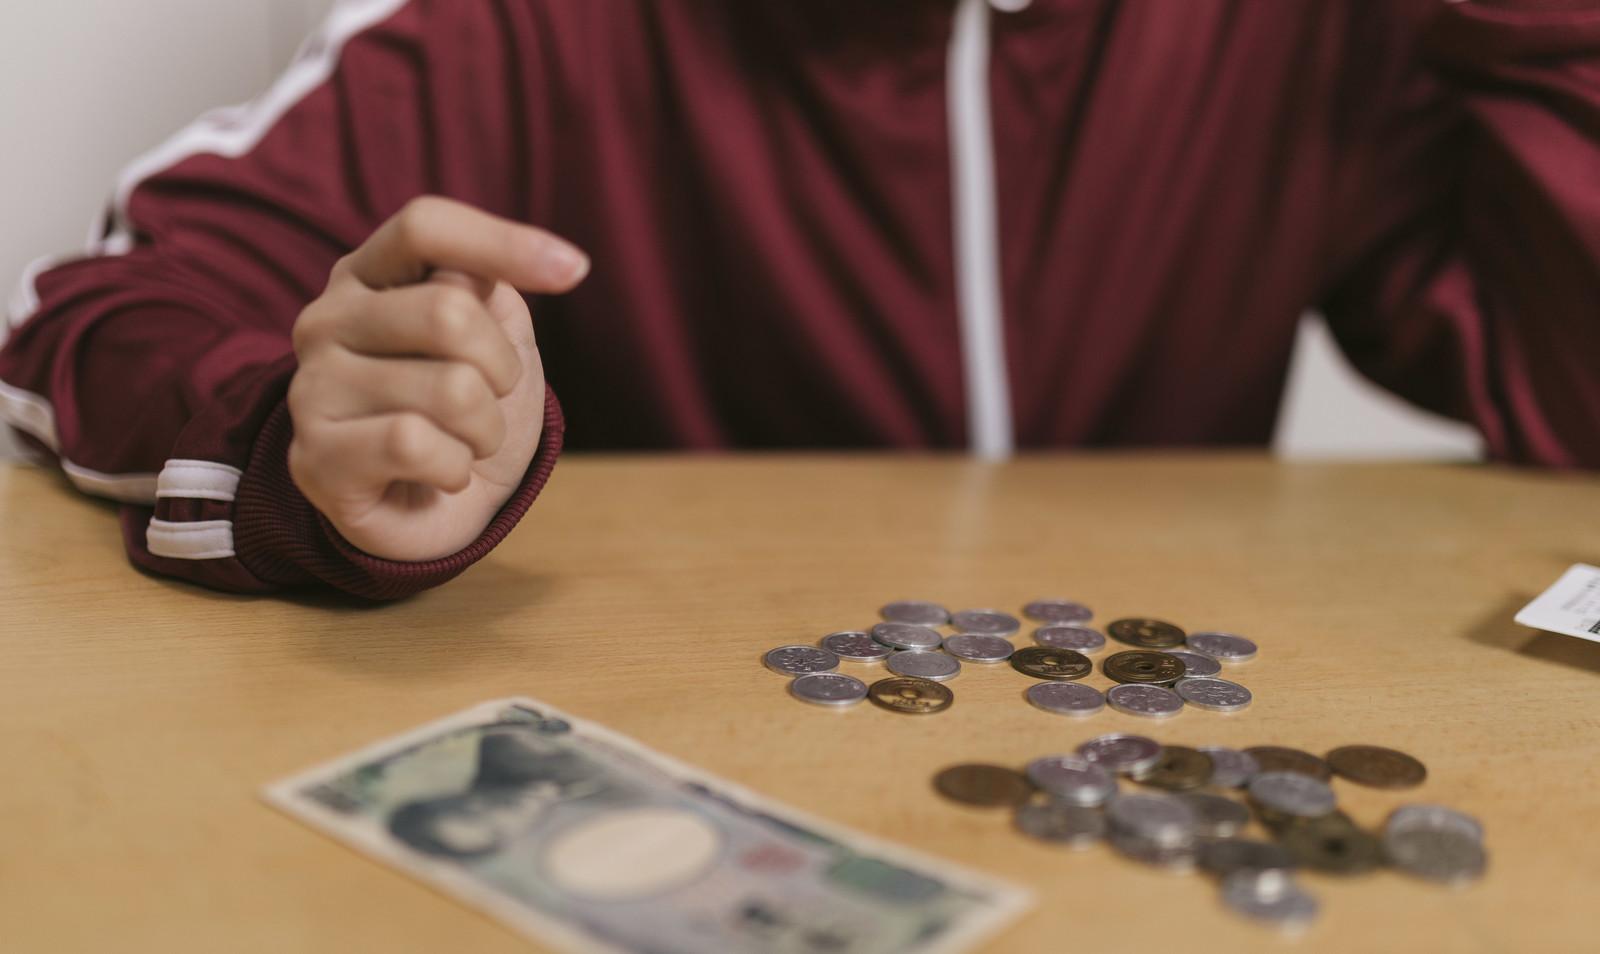 年収250万の月の手取りは16万程度。転職して年収アップを目指そう。